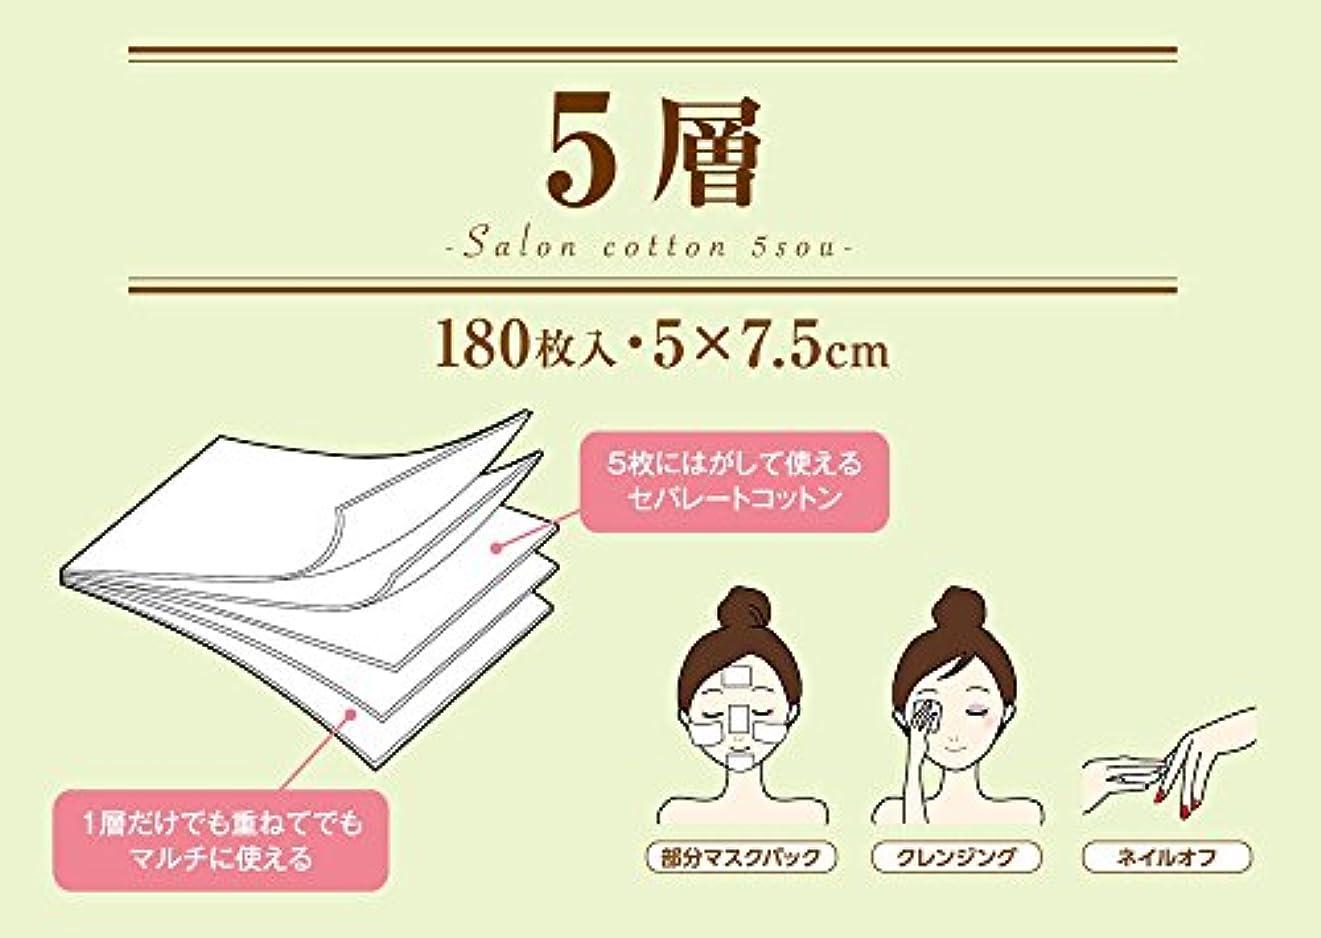 ミスペンド消毒剤人口業務用 コットンパフ (5×7.5cm 180枚入 箱入り) はがして使える サロンコットン5層